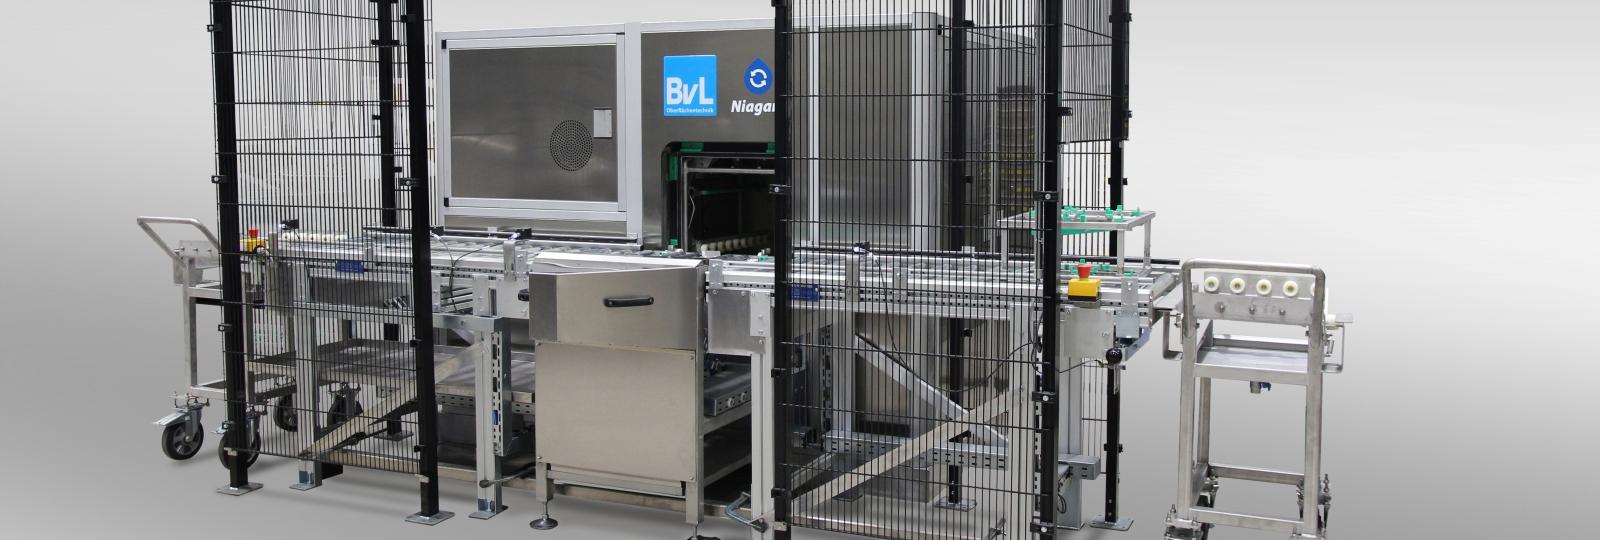 Die BvL-Reinigungsanlage NiagaraMO ist eine kompakte Zwei-Tank-Flut-/Spritzreinigungsanlage mit kompakter Bauweise